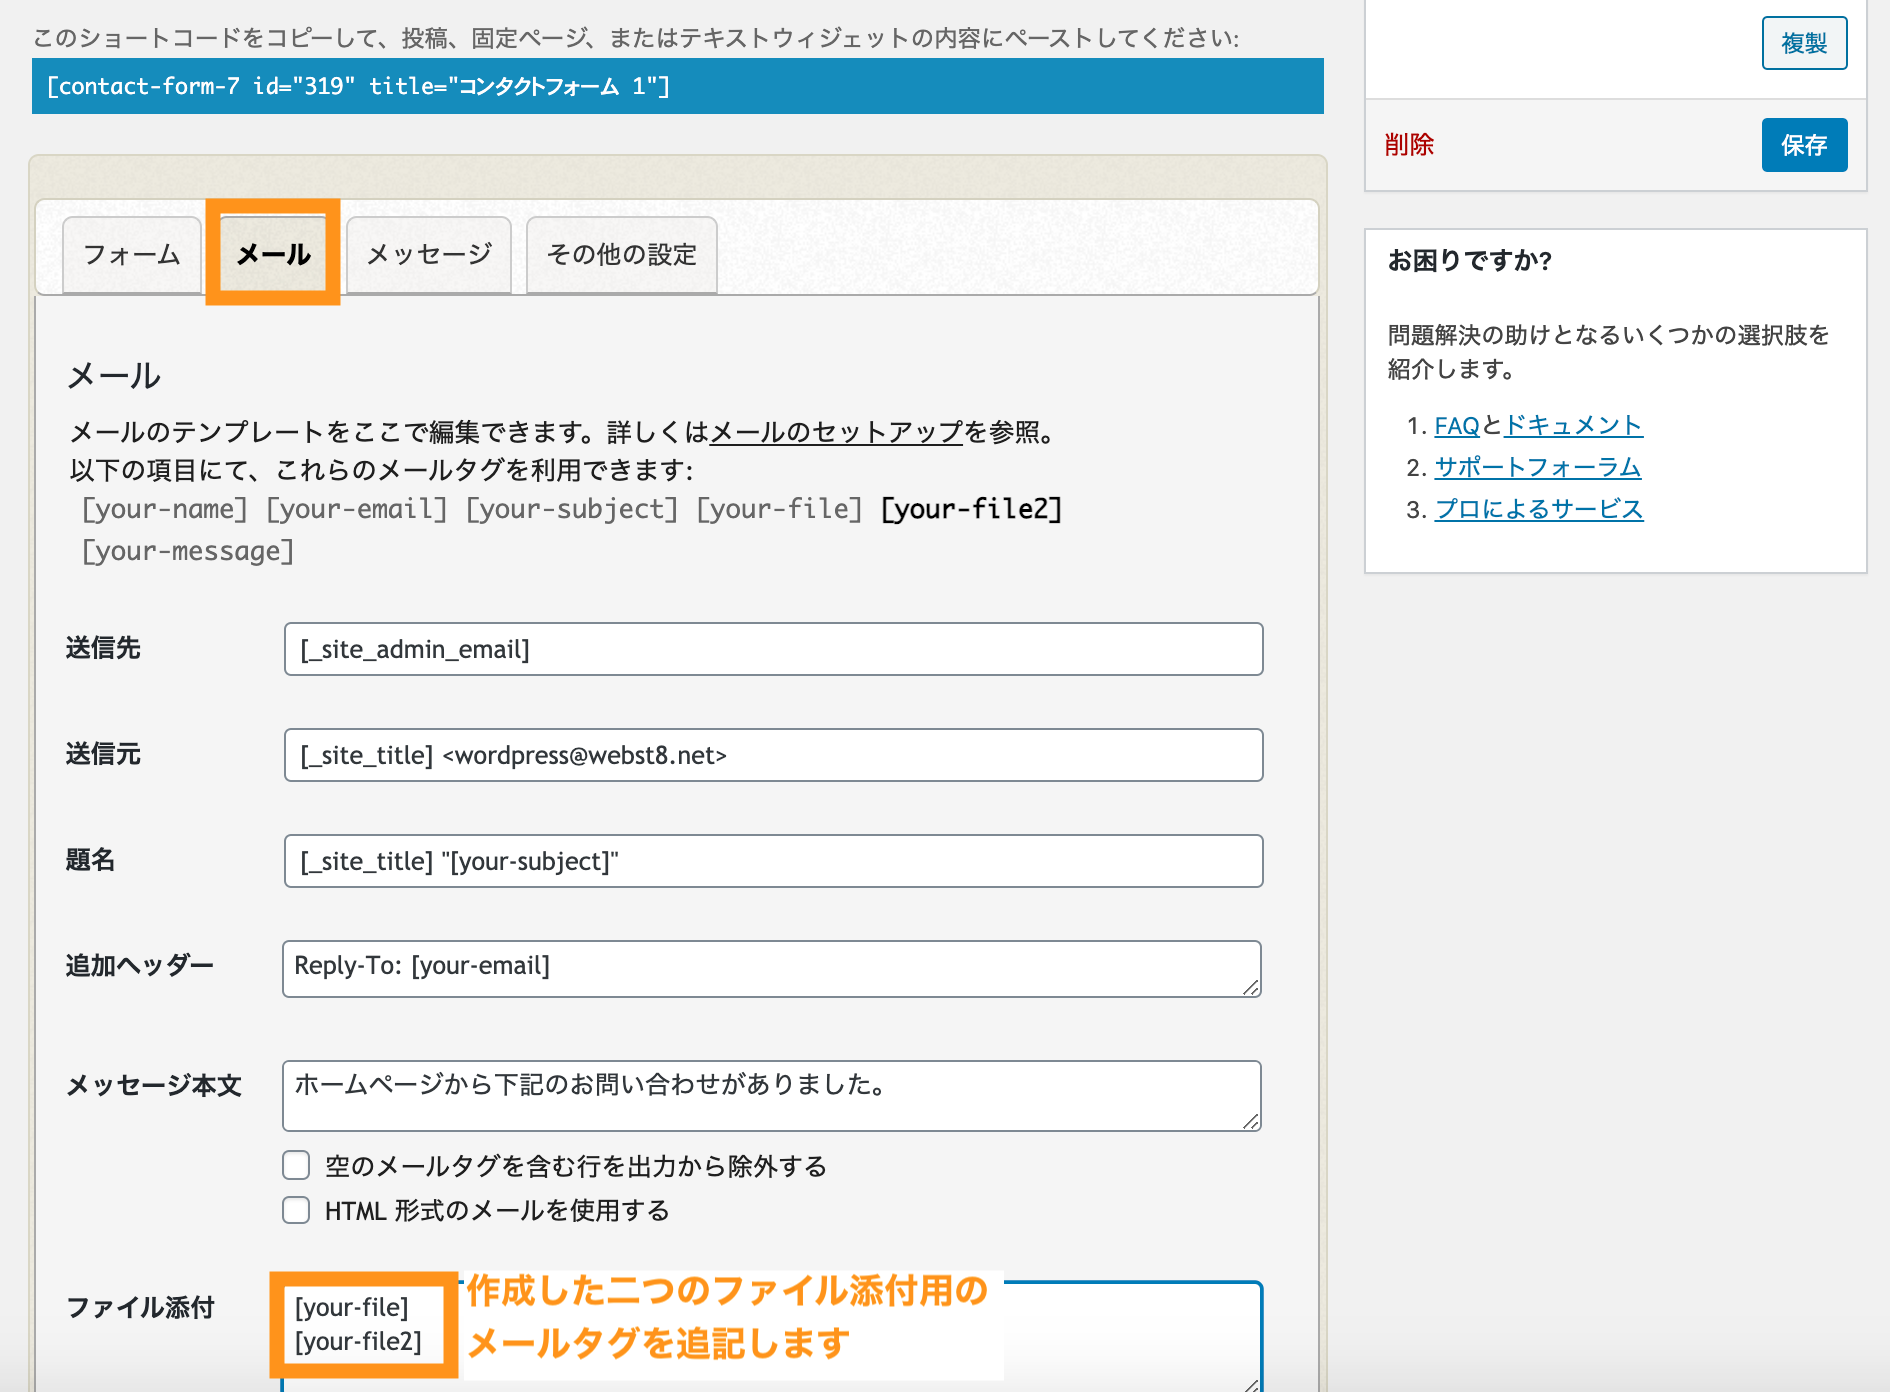 メールタブでファイル添付のテキストエリア欄に[your-file][your-file2]を追記